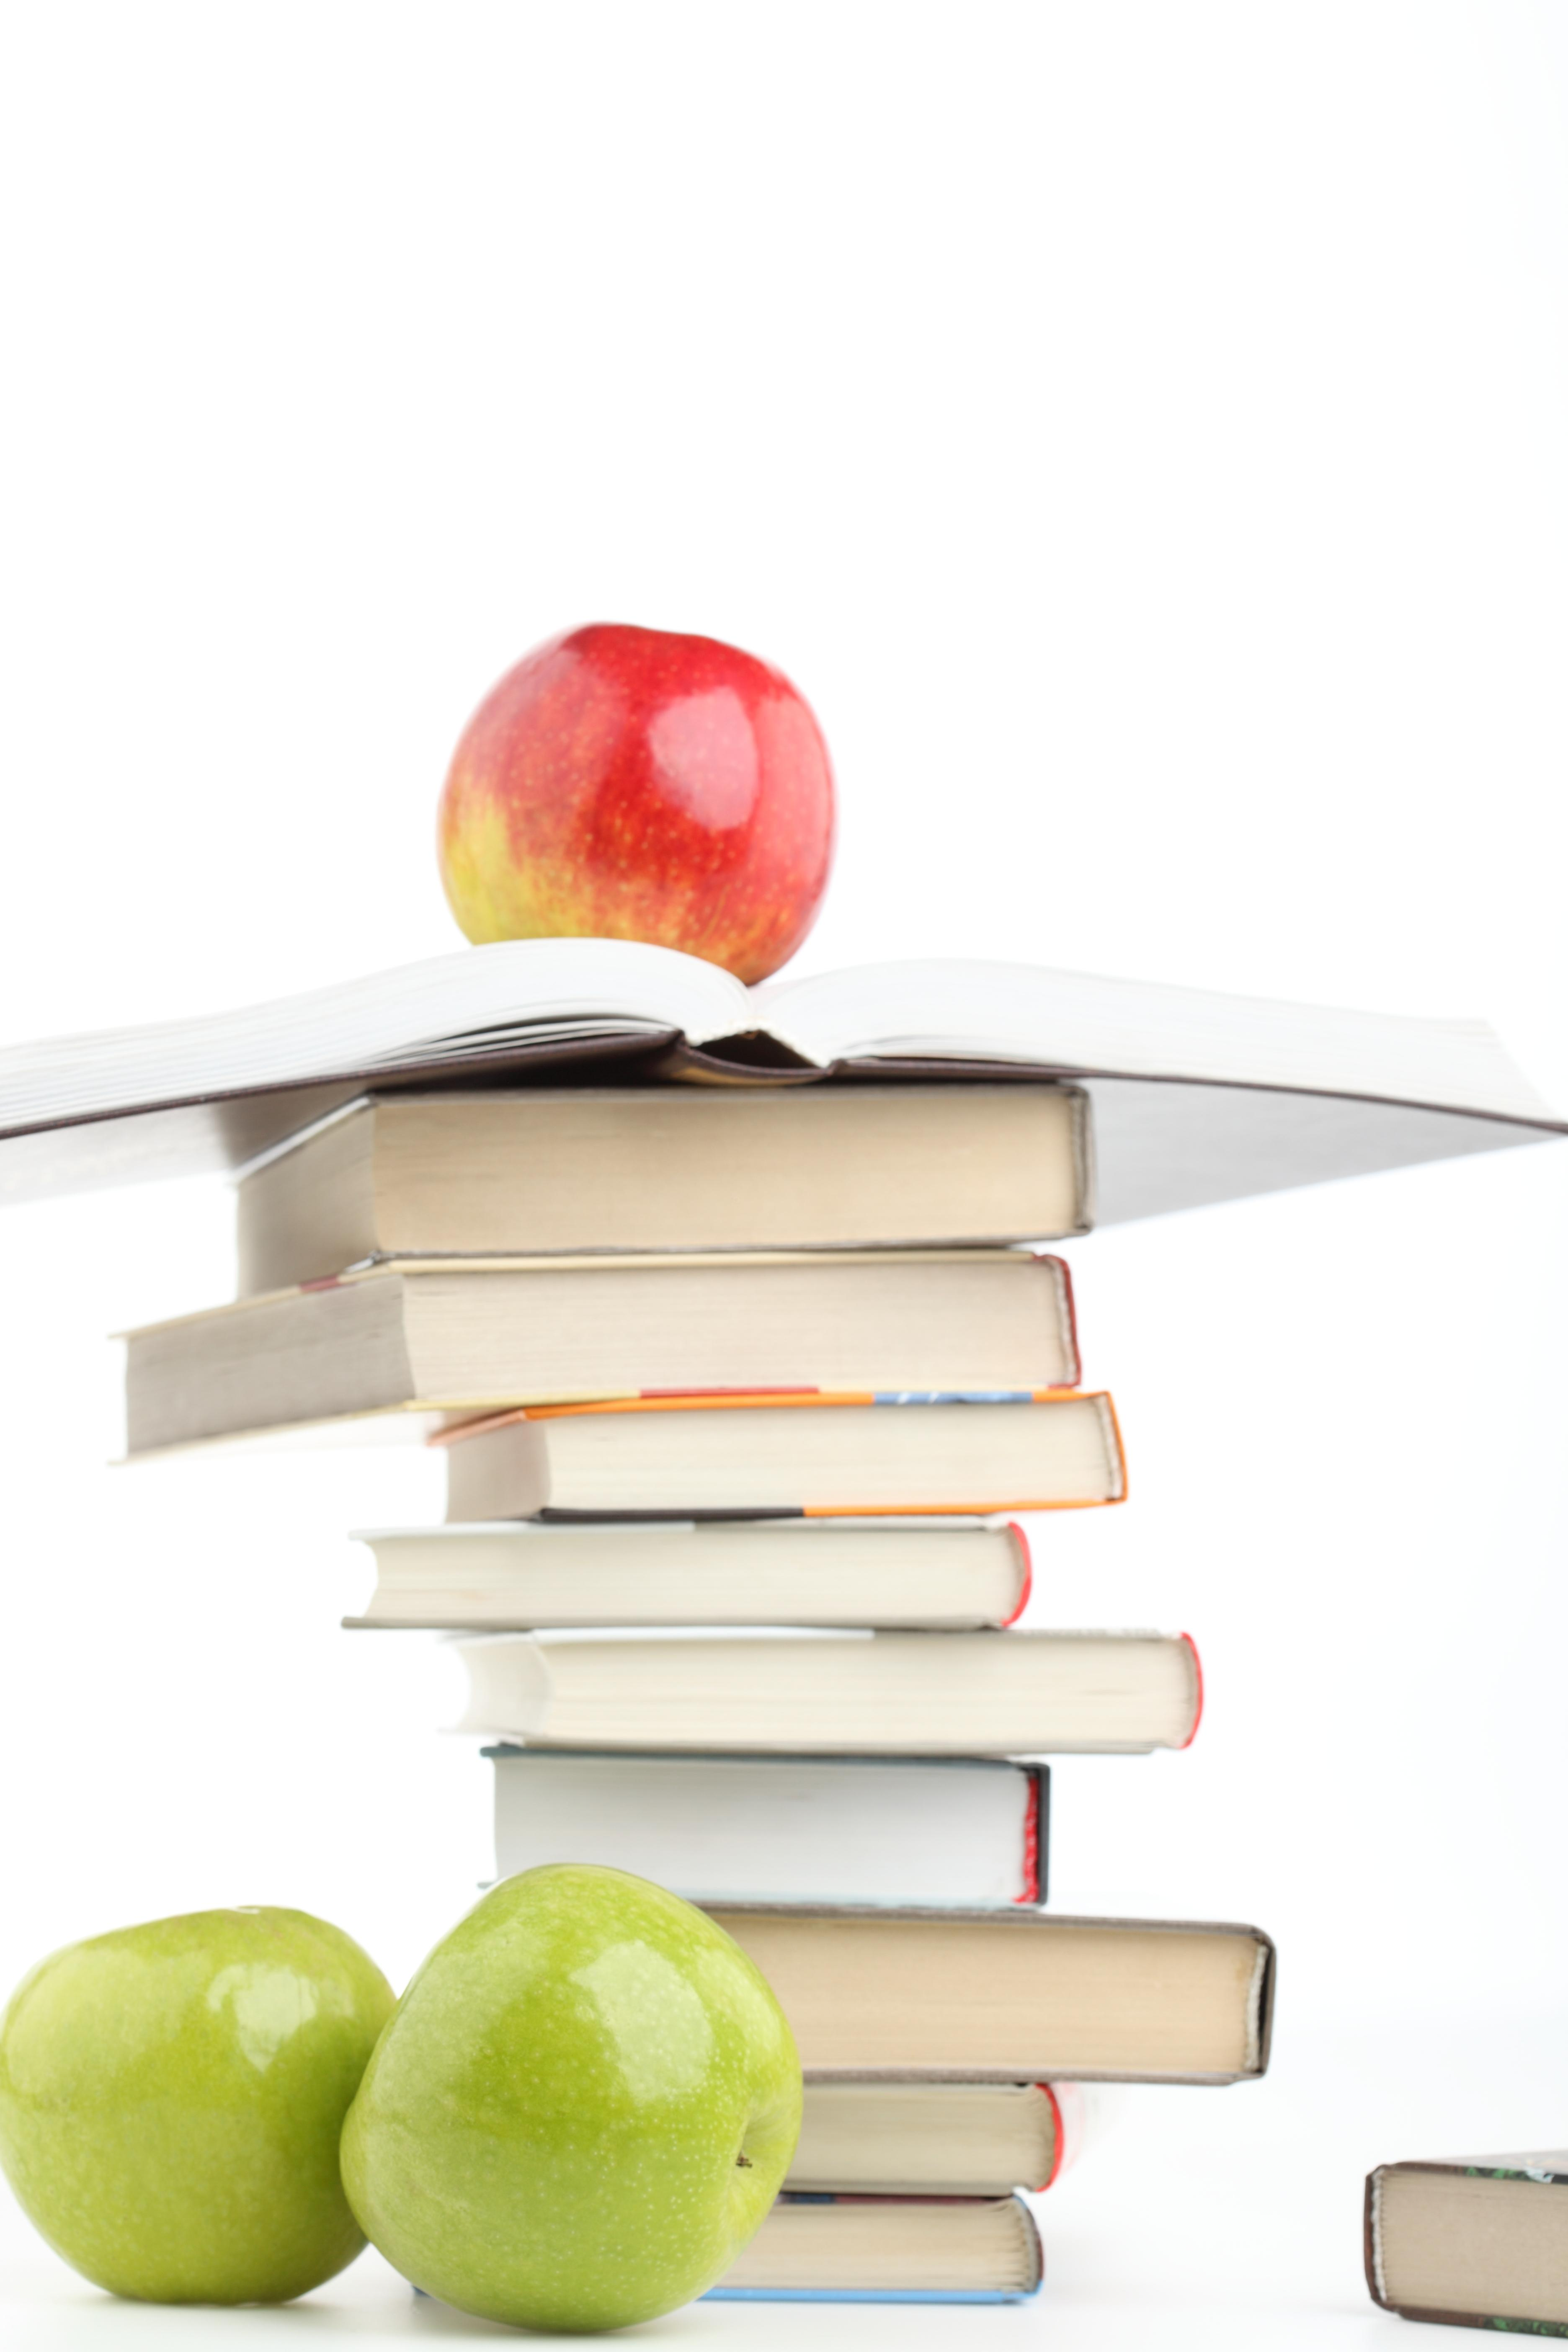 Формируют единую базу диссертаций и дипломных работ Кандидатские  база диссертаций